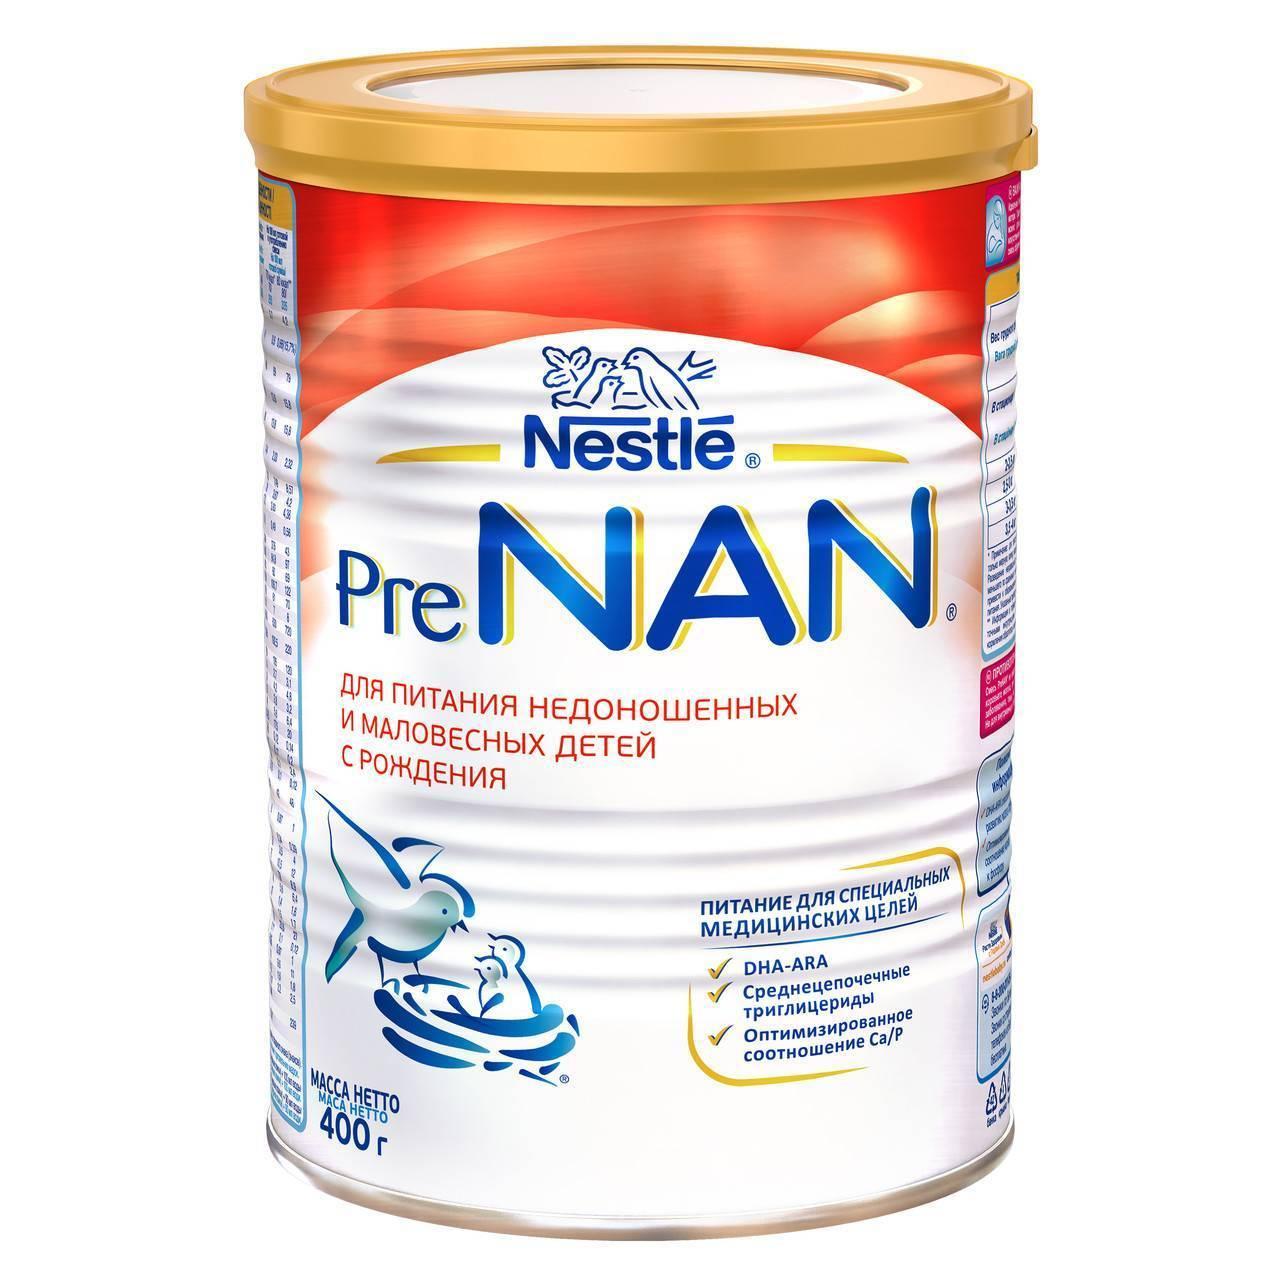 «симилак неошур» для недоношенных и маловесных детей, а также смесь под названием «премиум»: подробная характеристика этих продуктов, инструкция по применению